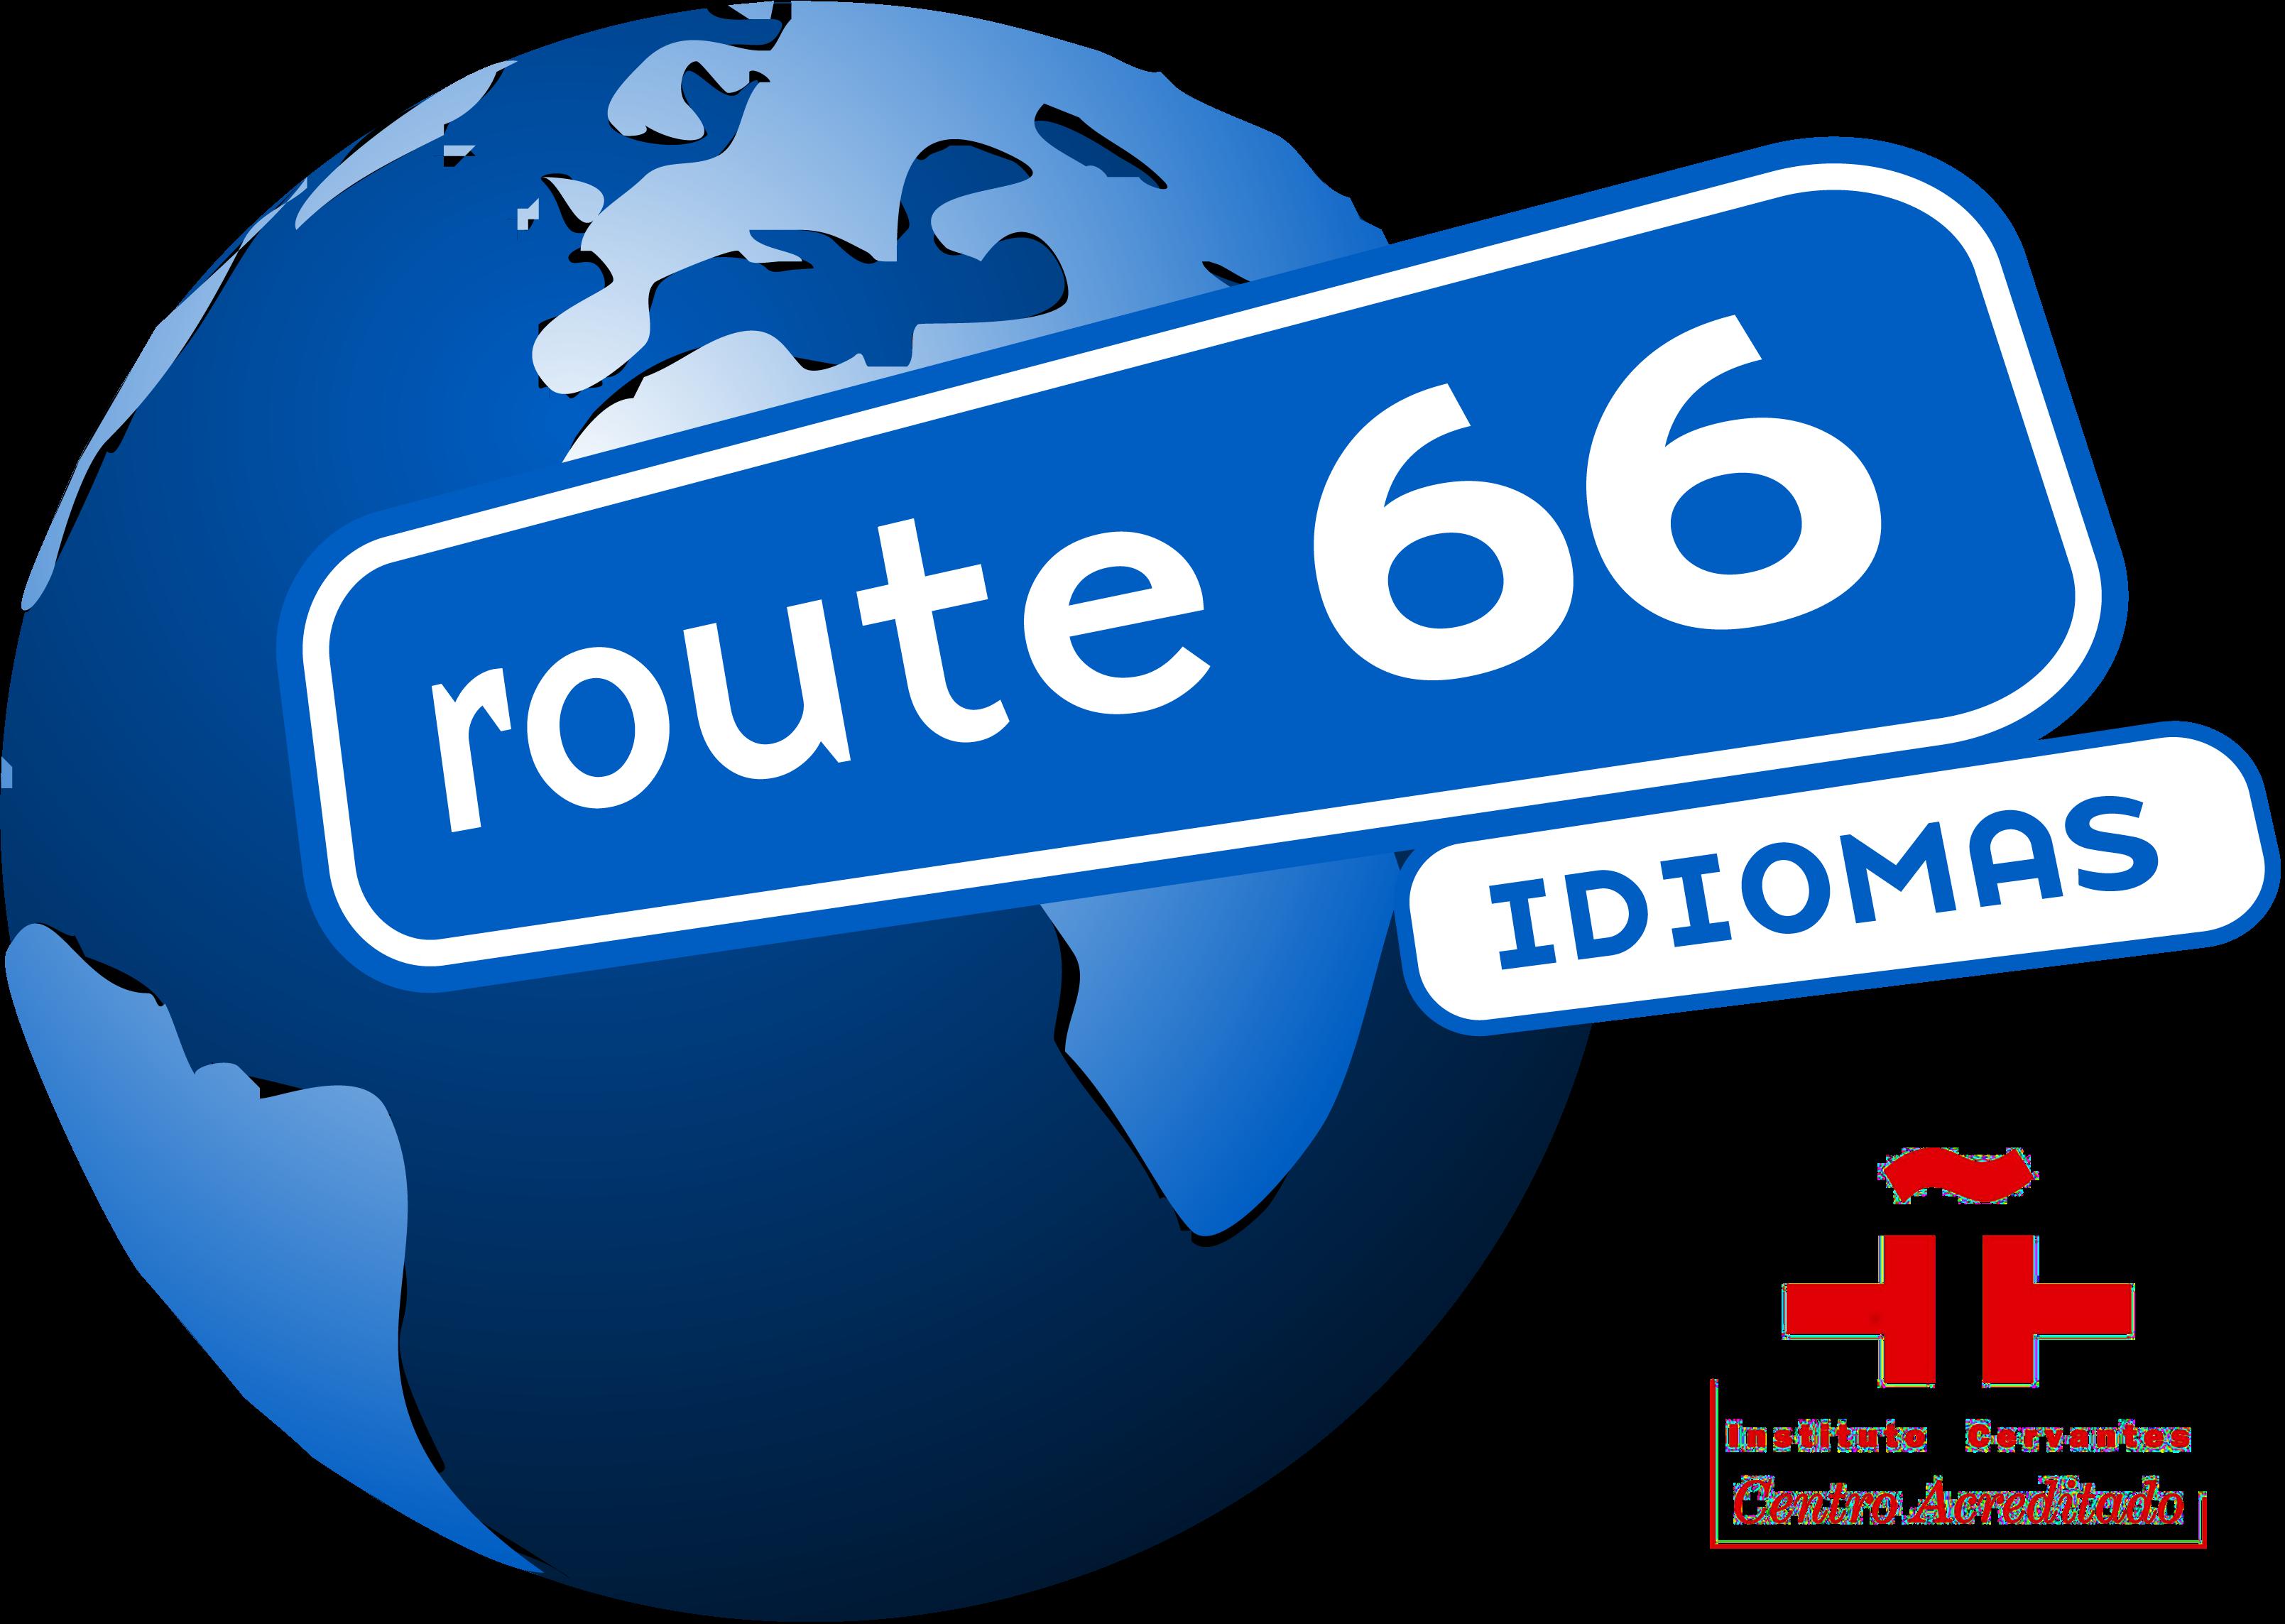 Route 66 Idiomas Valencia